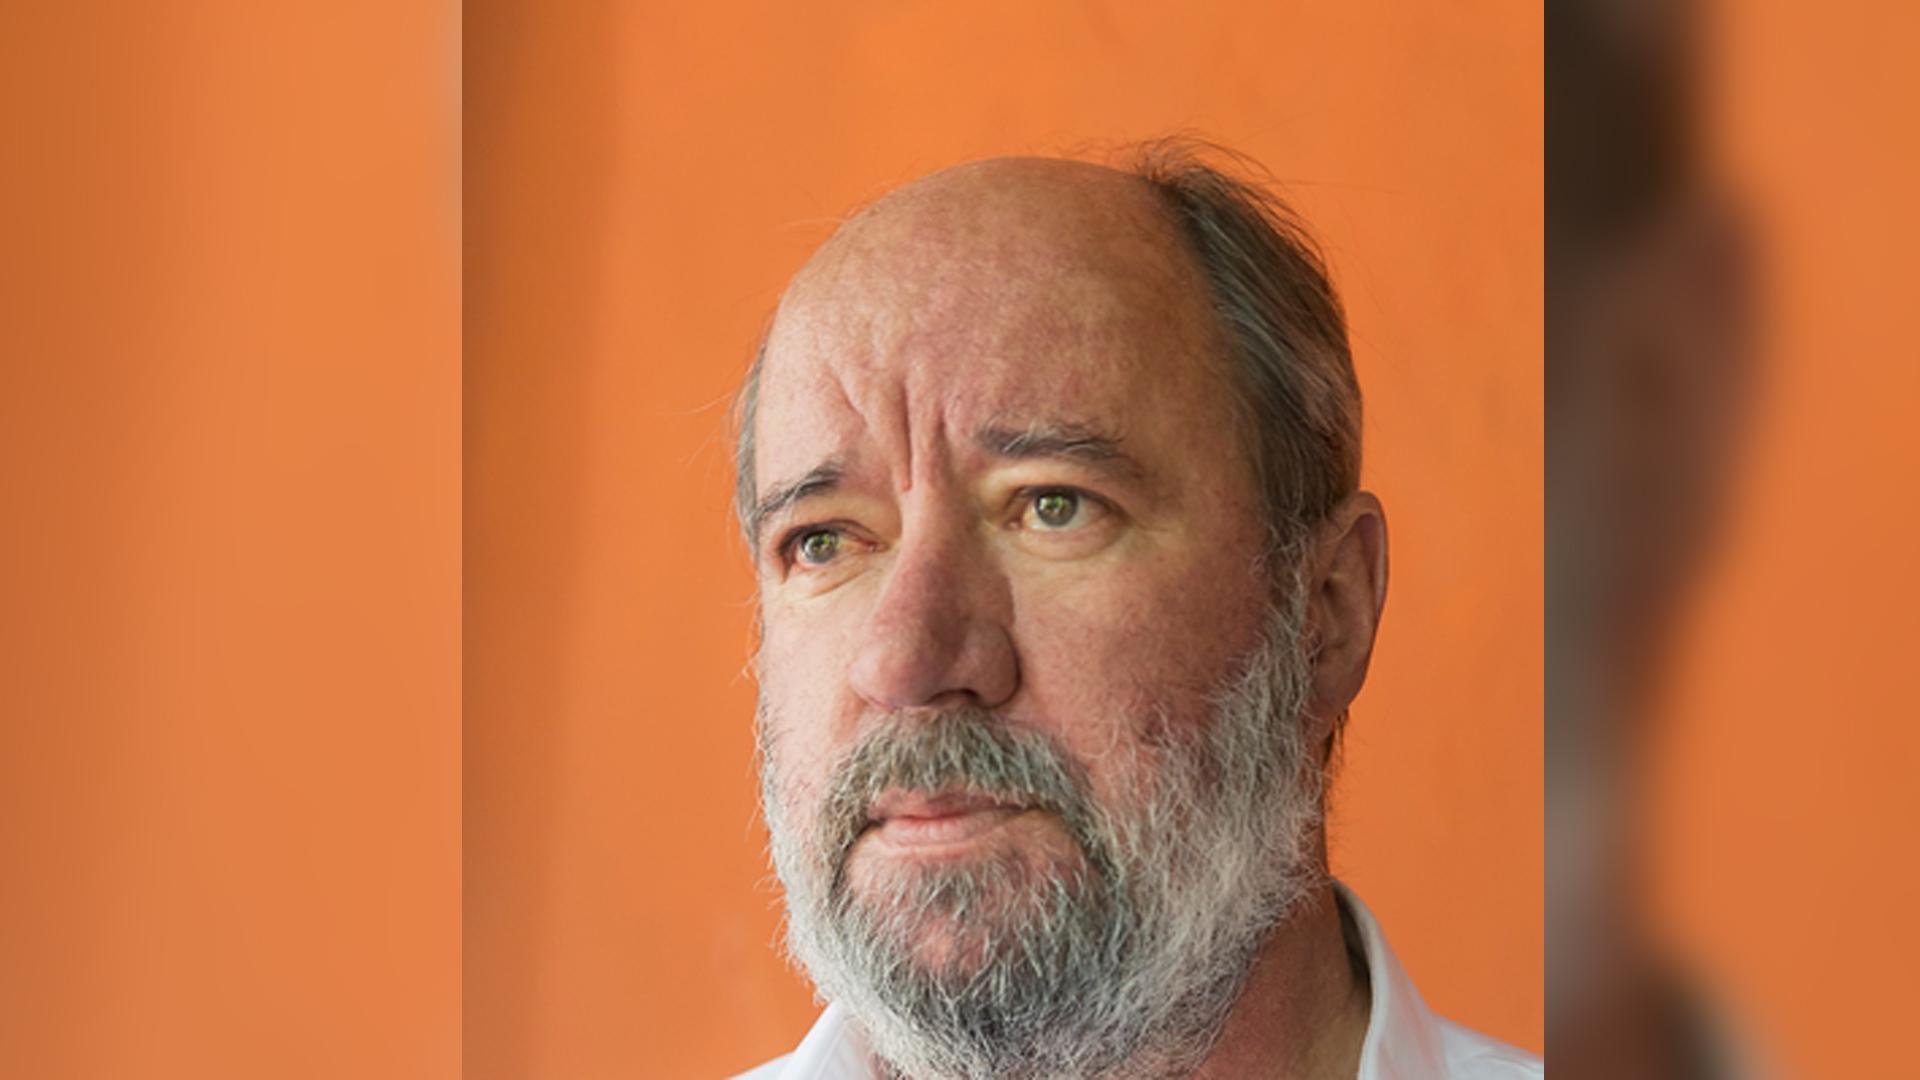 El caricaturista, periodista y escritor Antonio Caballero.